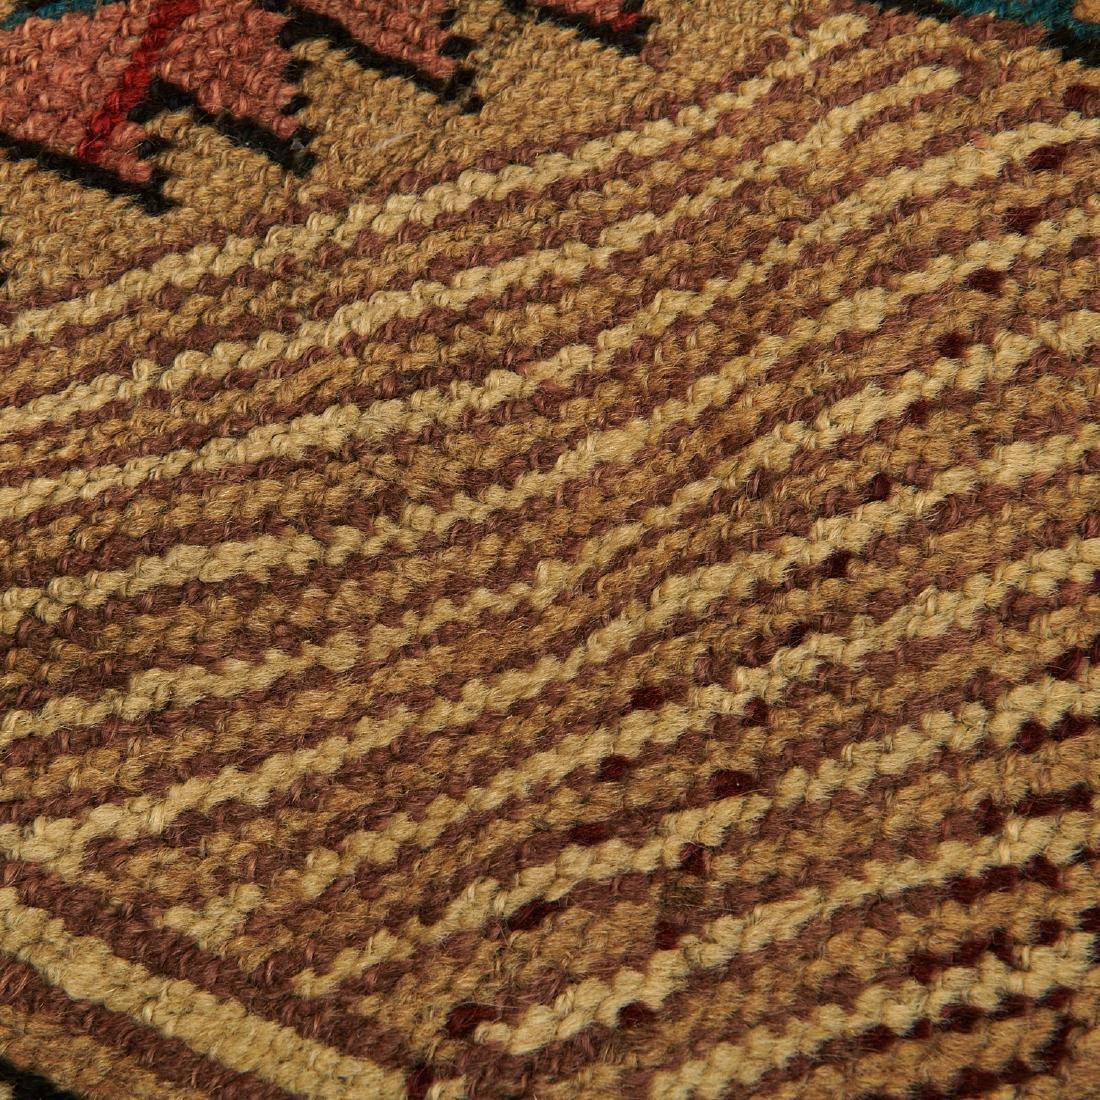 Karabagh camel hair rug - 3